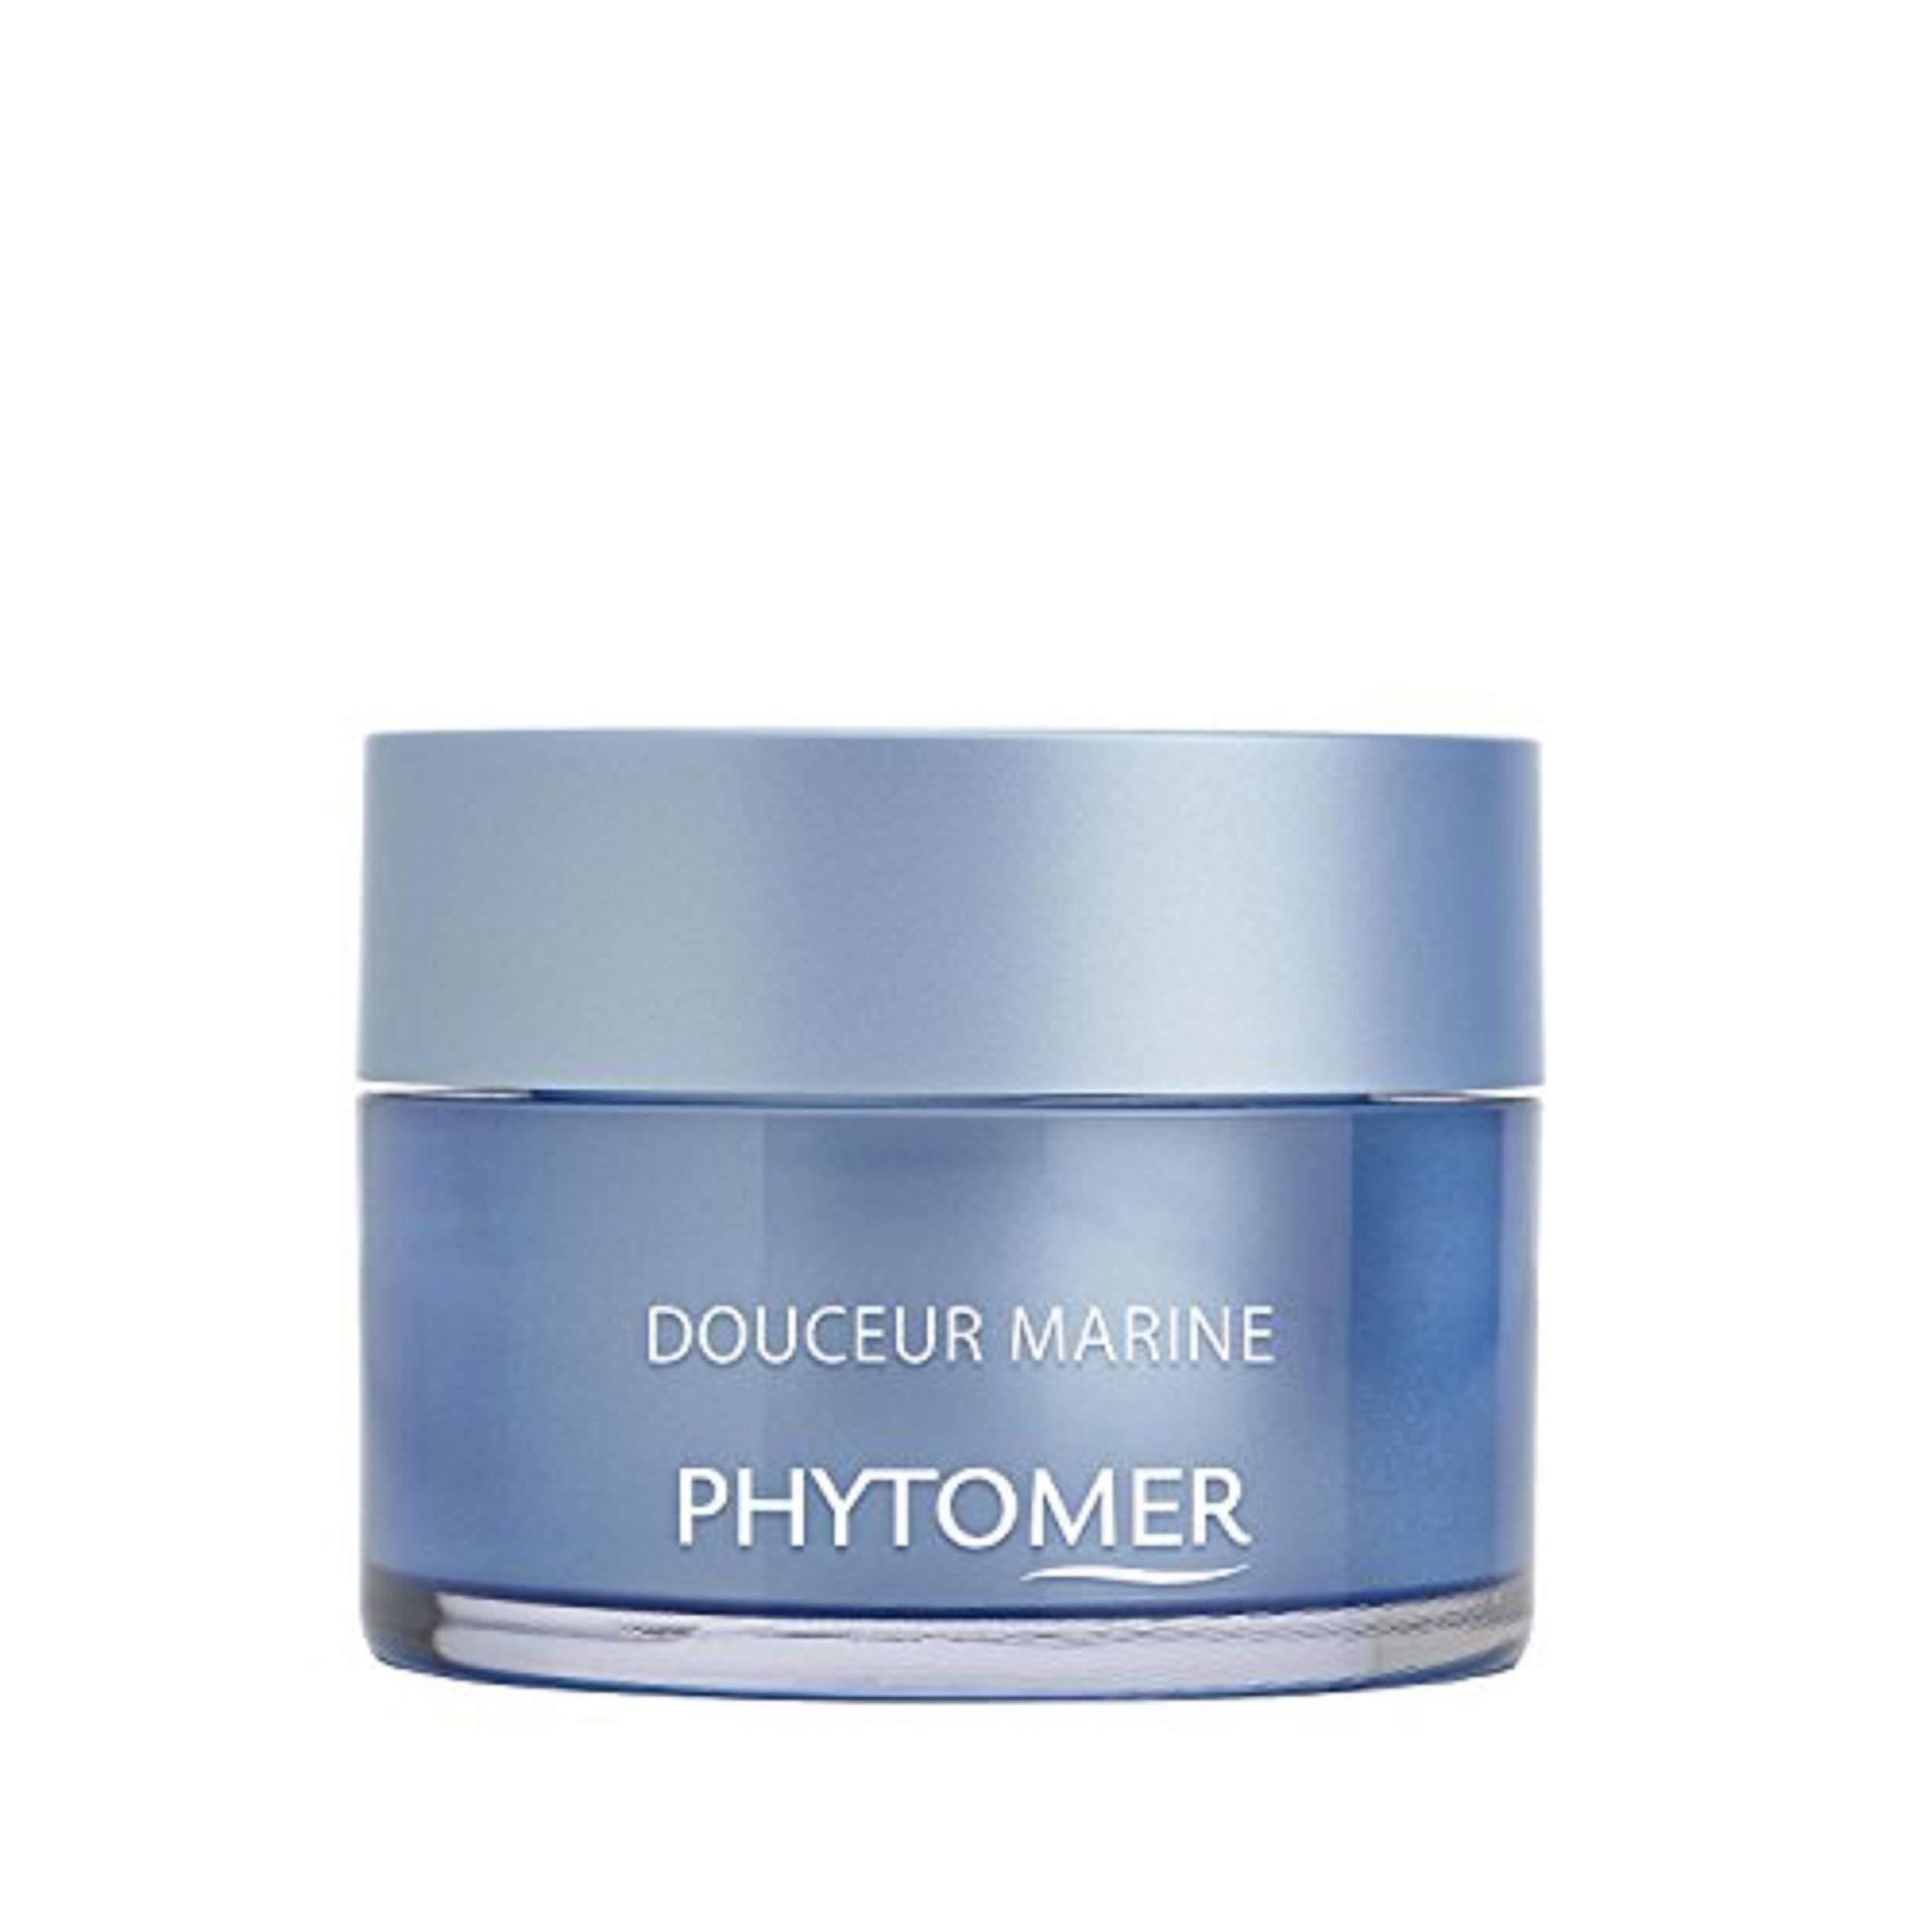 Phytomer Velvety Soothing Cream, 1.6 Ounce